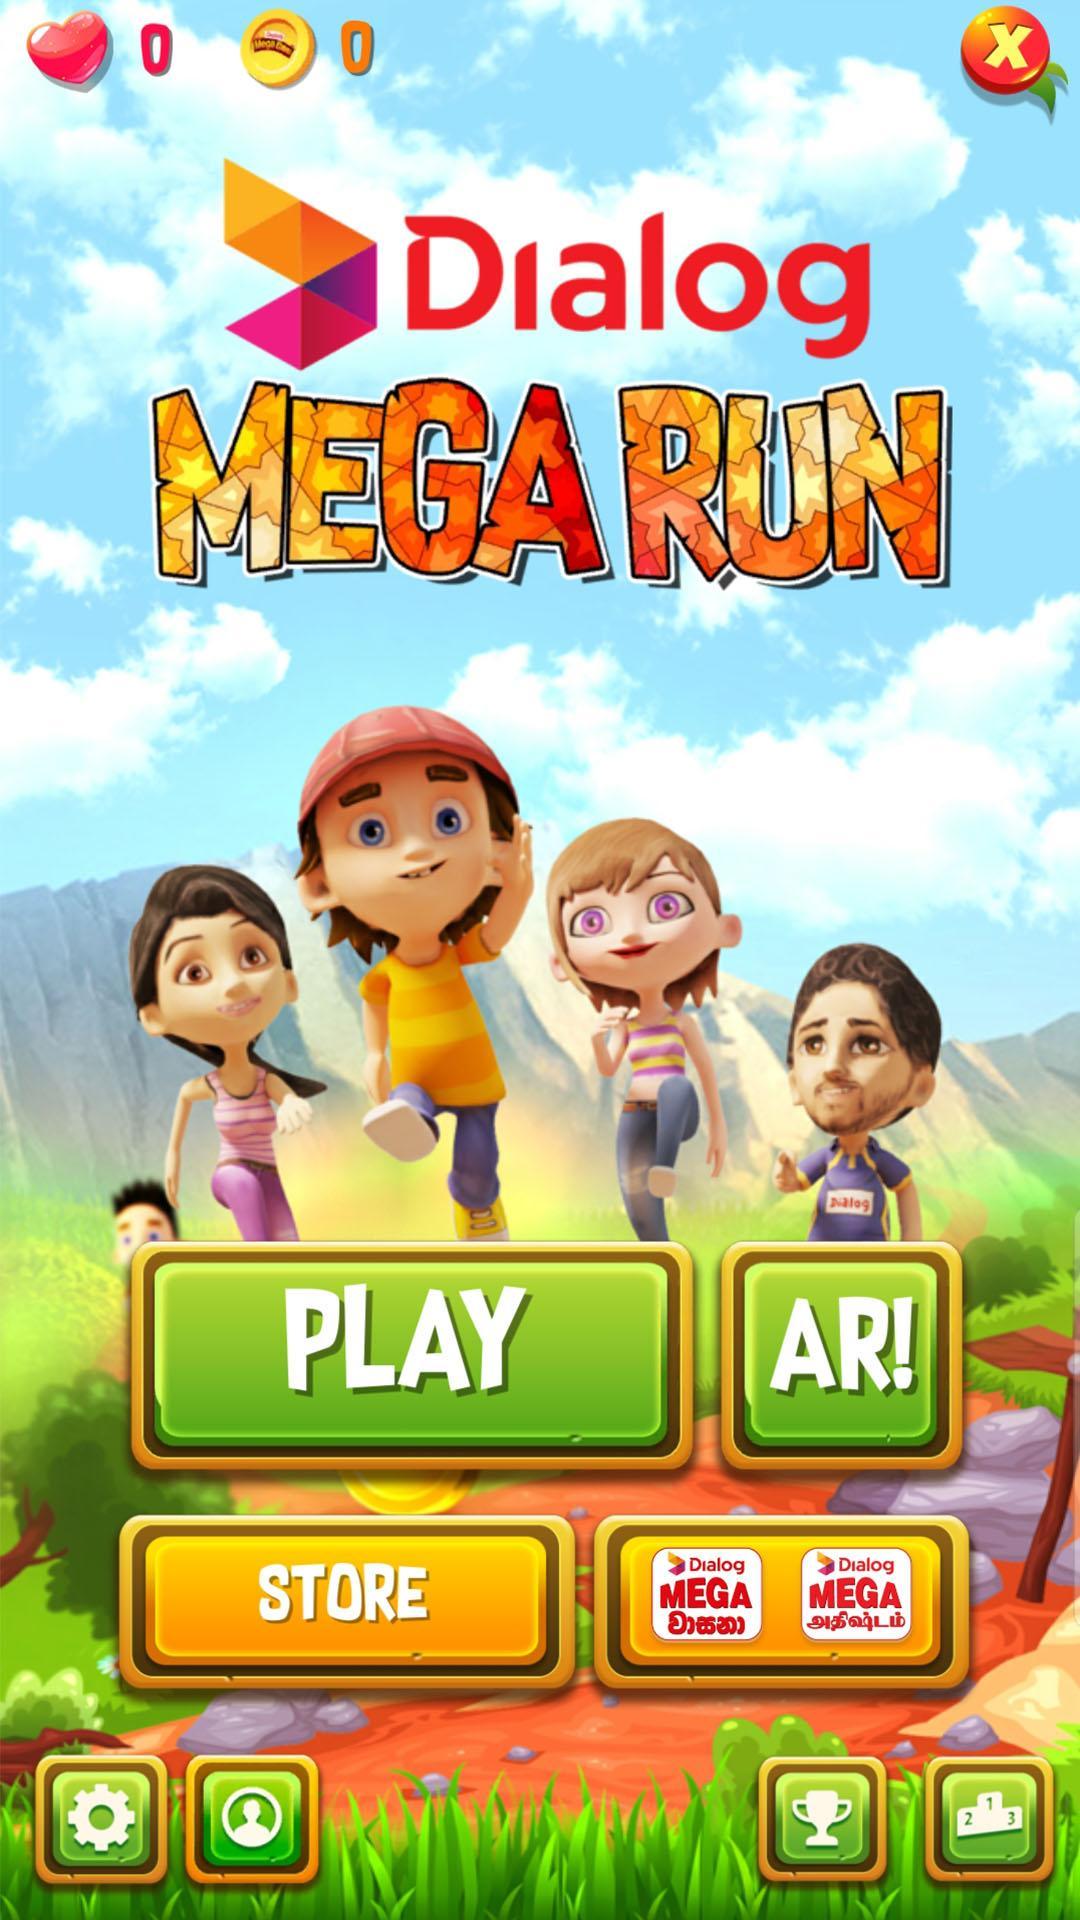 Dialog Mega Run